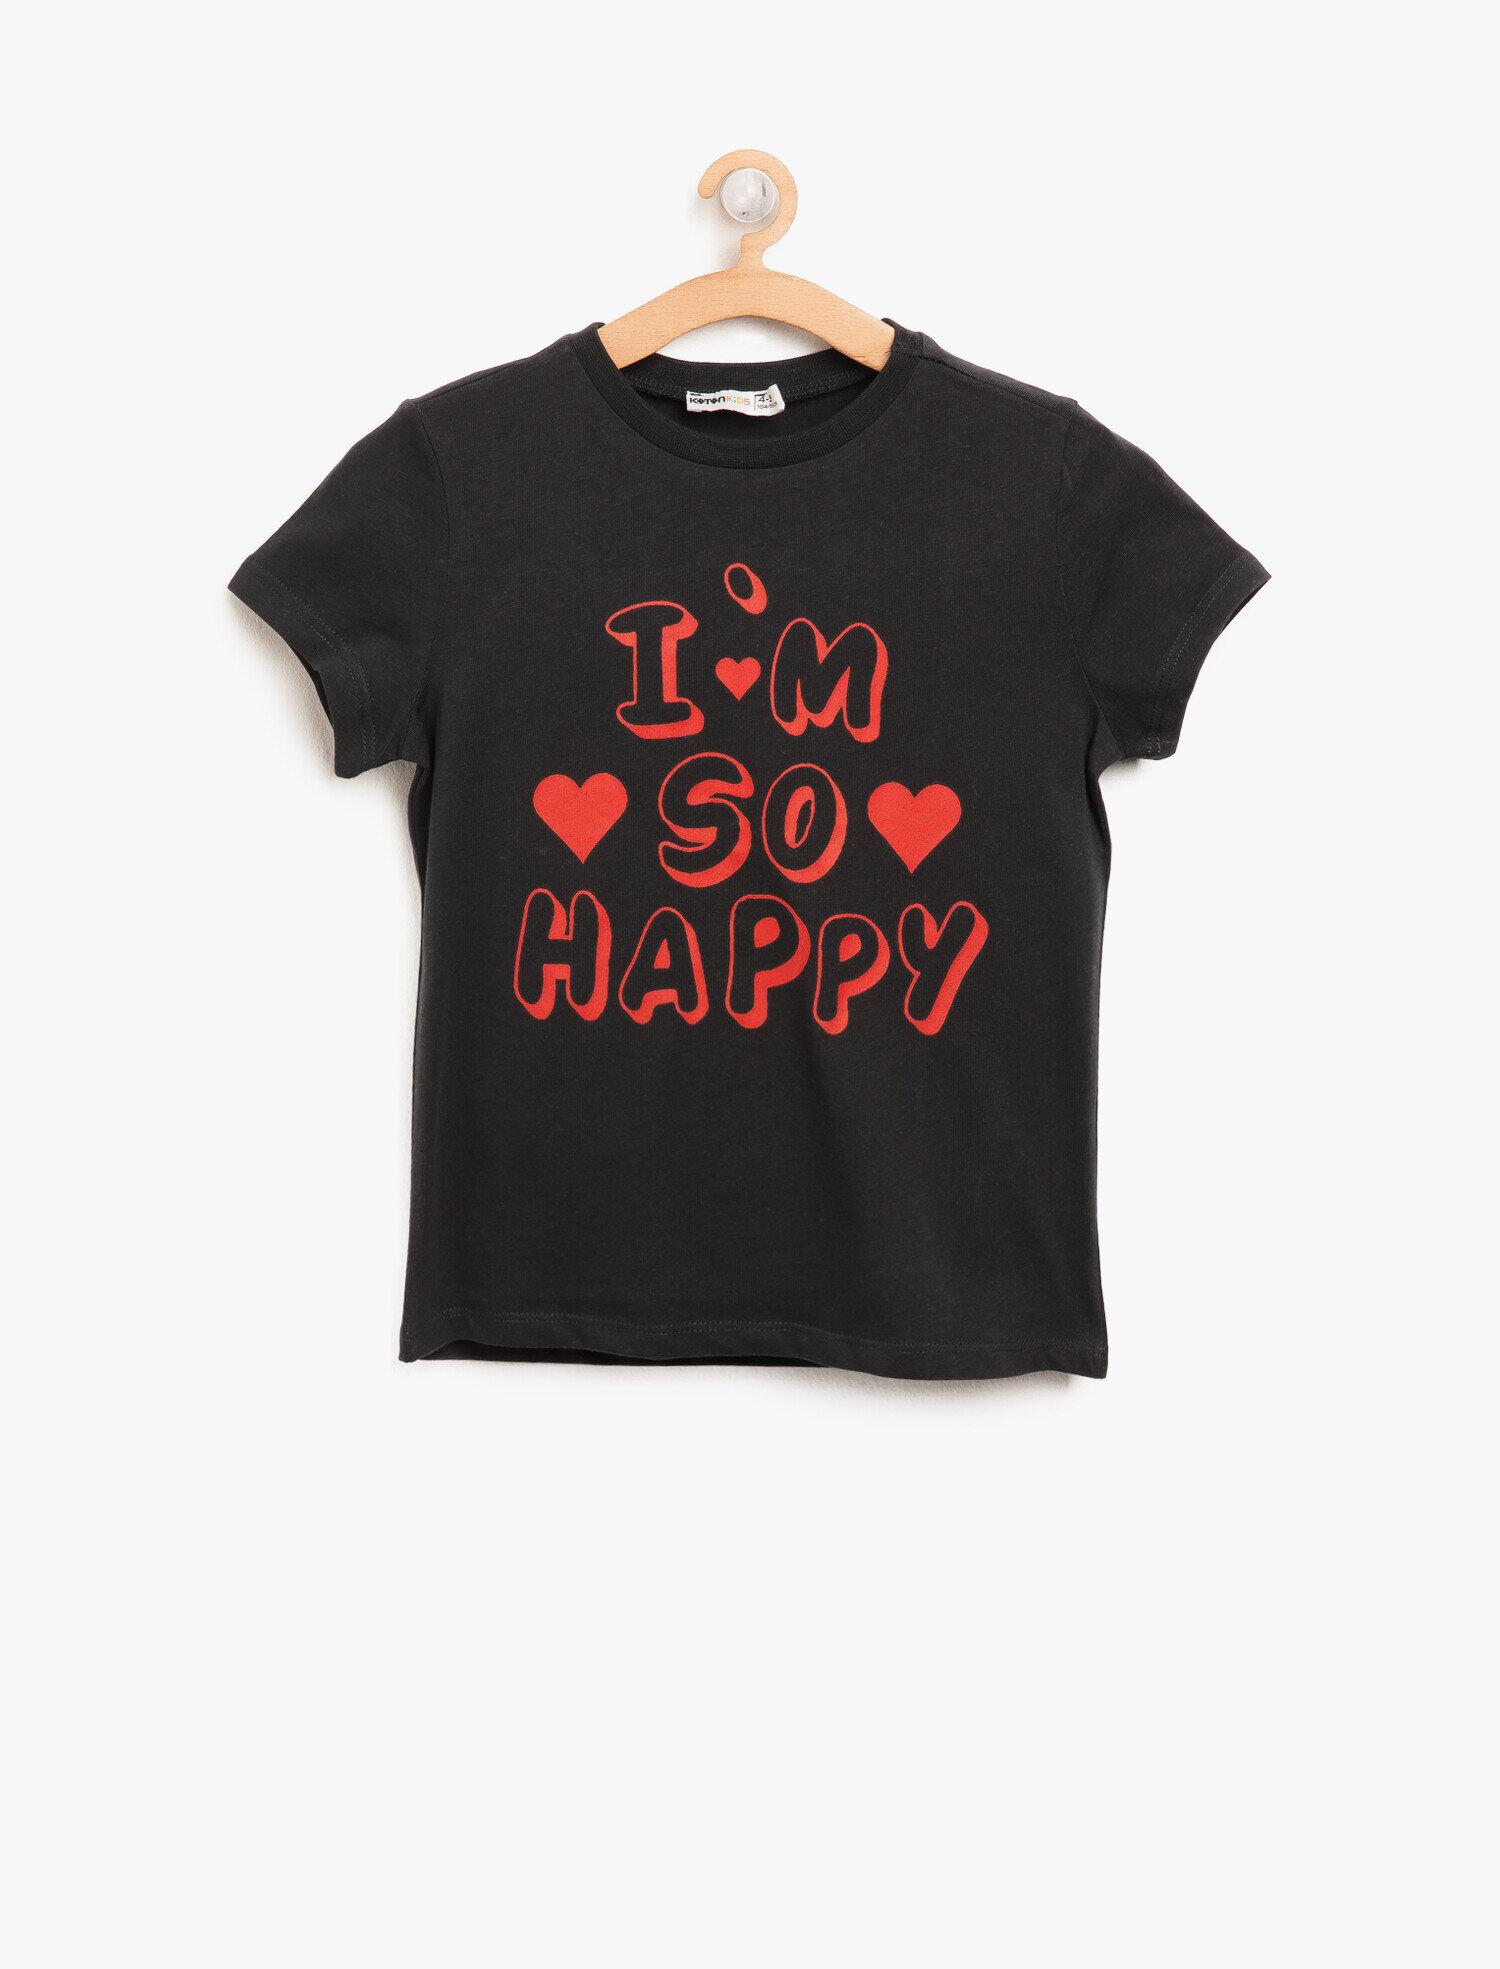 Koton Kız Çocuk Yazili Baskili T-Shirt Siyah Ürün Resmi